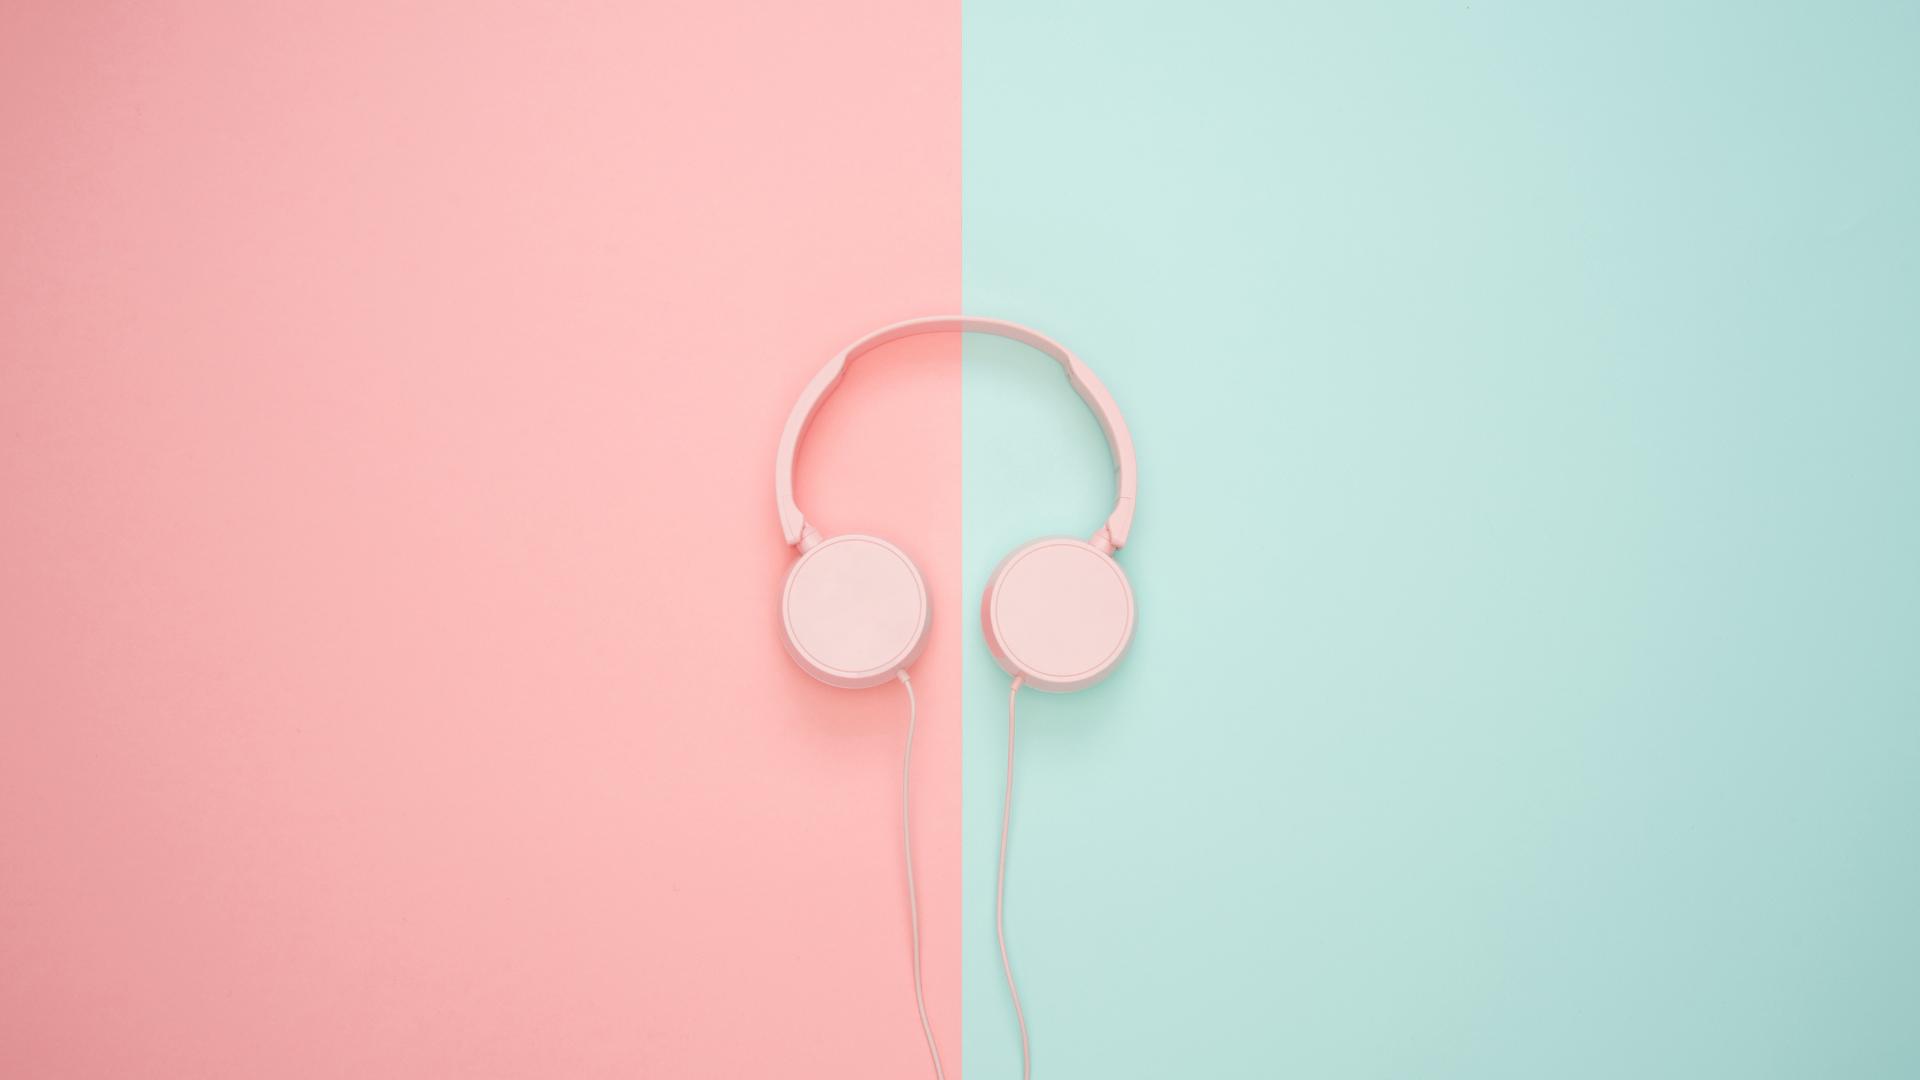 Musikwünsche auf Partys - Fluch oder Segen?